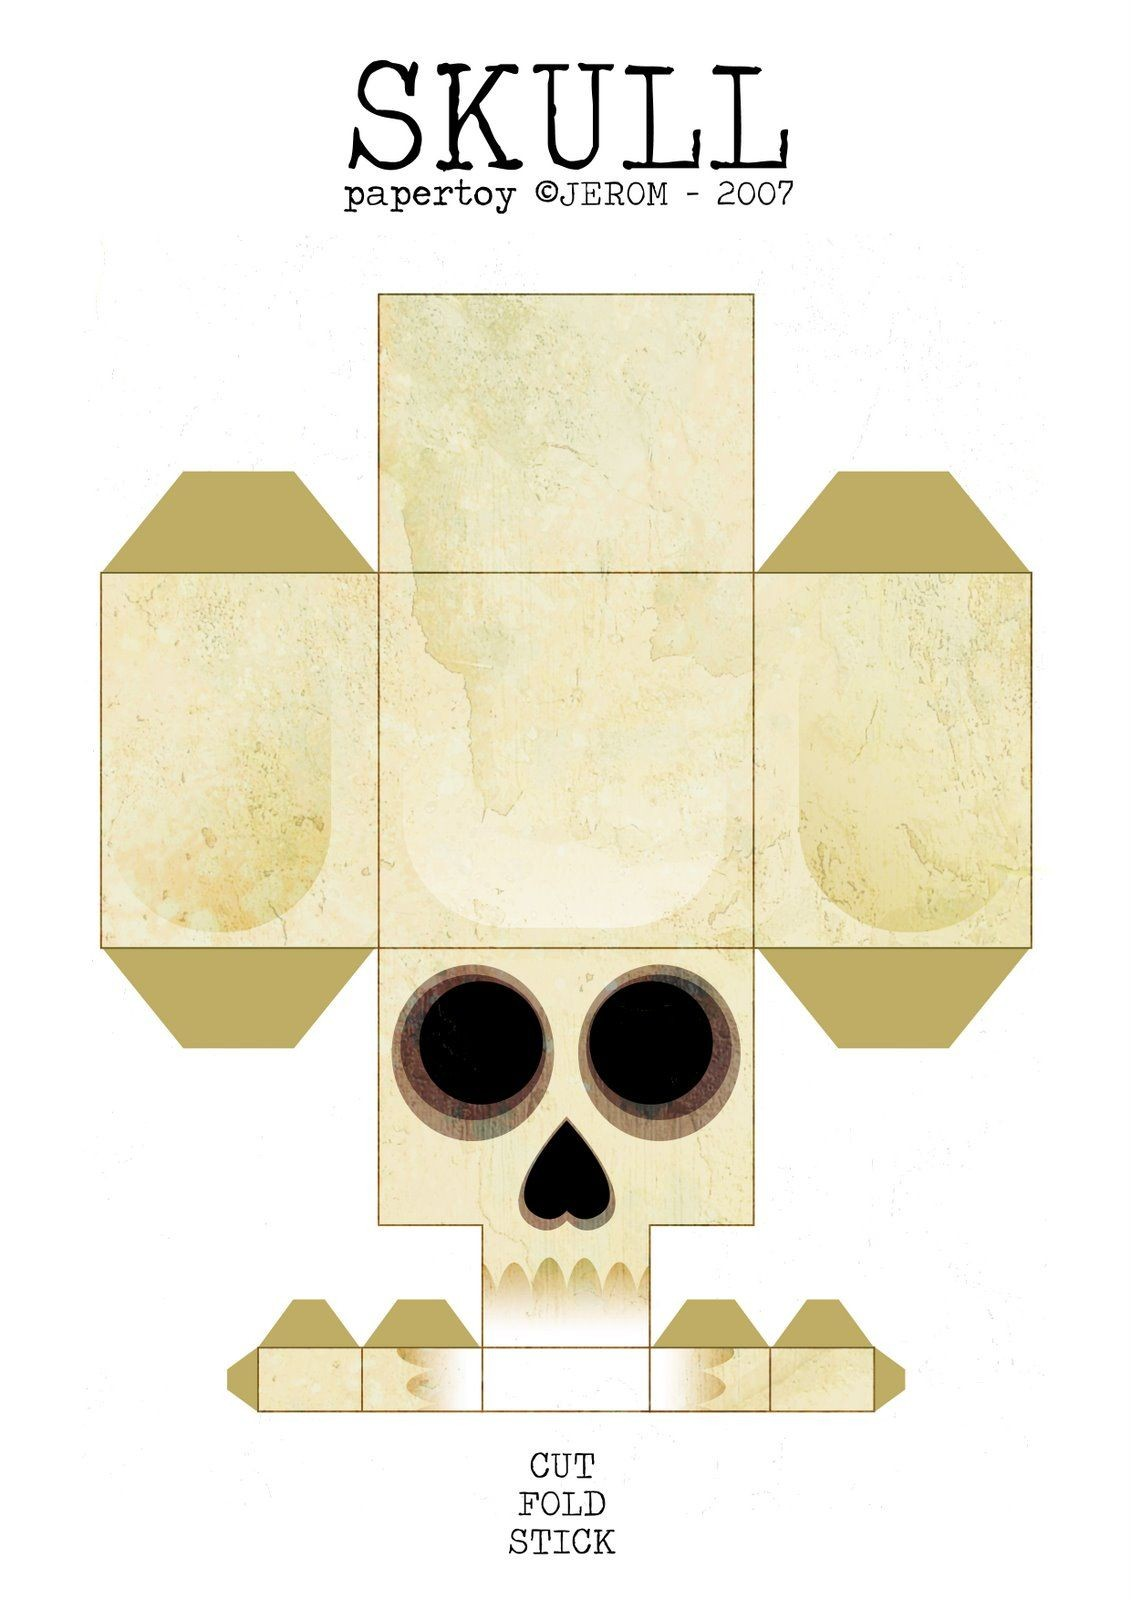 Papercraft Skull Jb8ha9cuj44 Tnzz01g0xvi Aaaaaaaaaws 7nkxxe